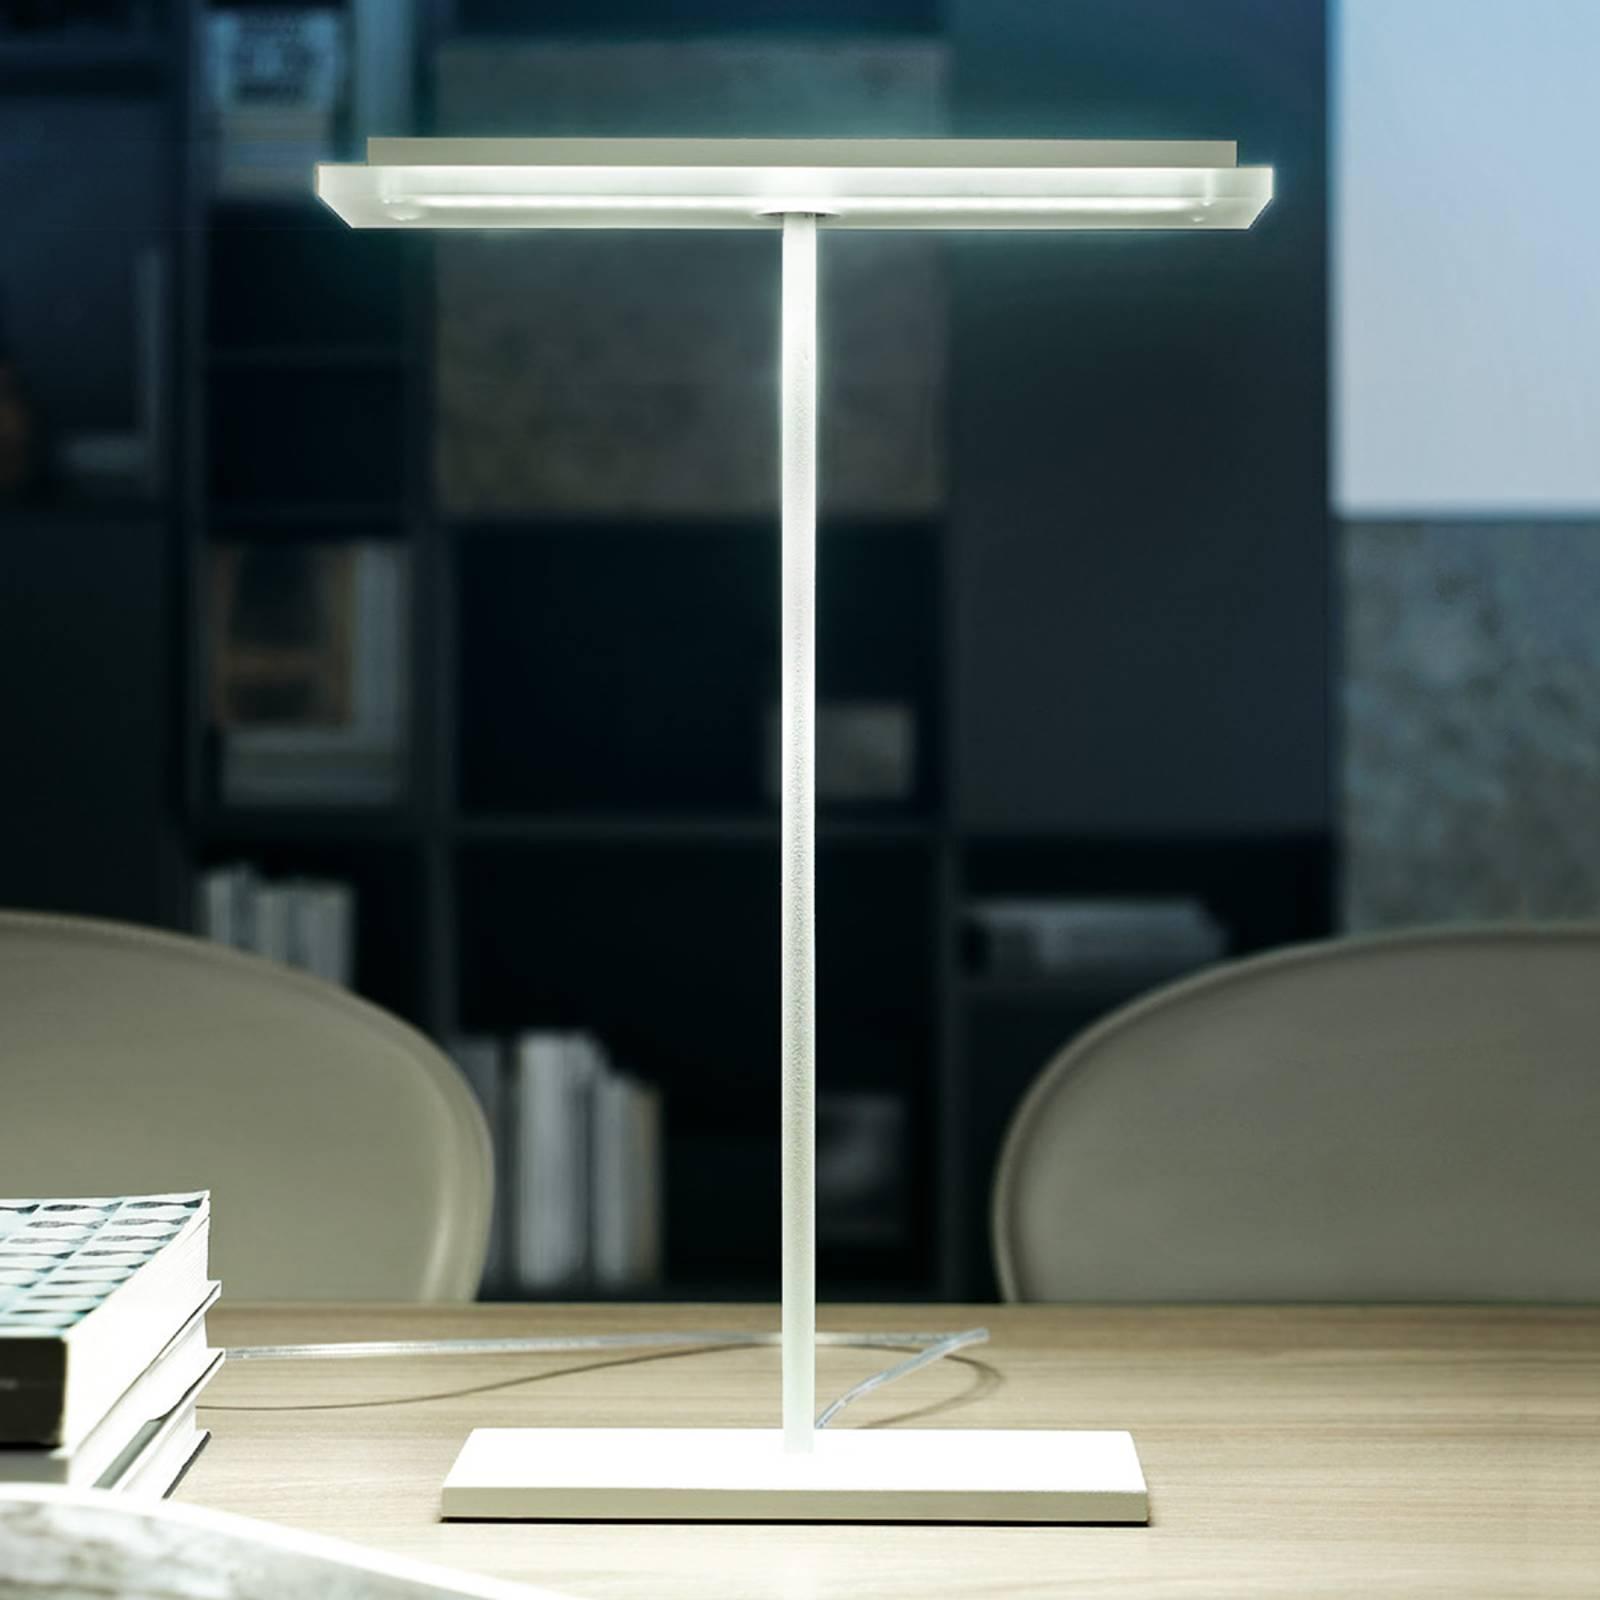 schreibtischlampen und andere lampen von linea light online kaufen bei m bel garten. Black Bedroom Furniture Sets. Home Design Ideas